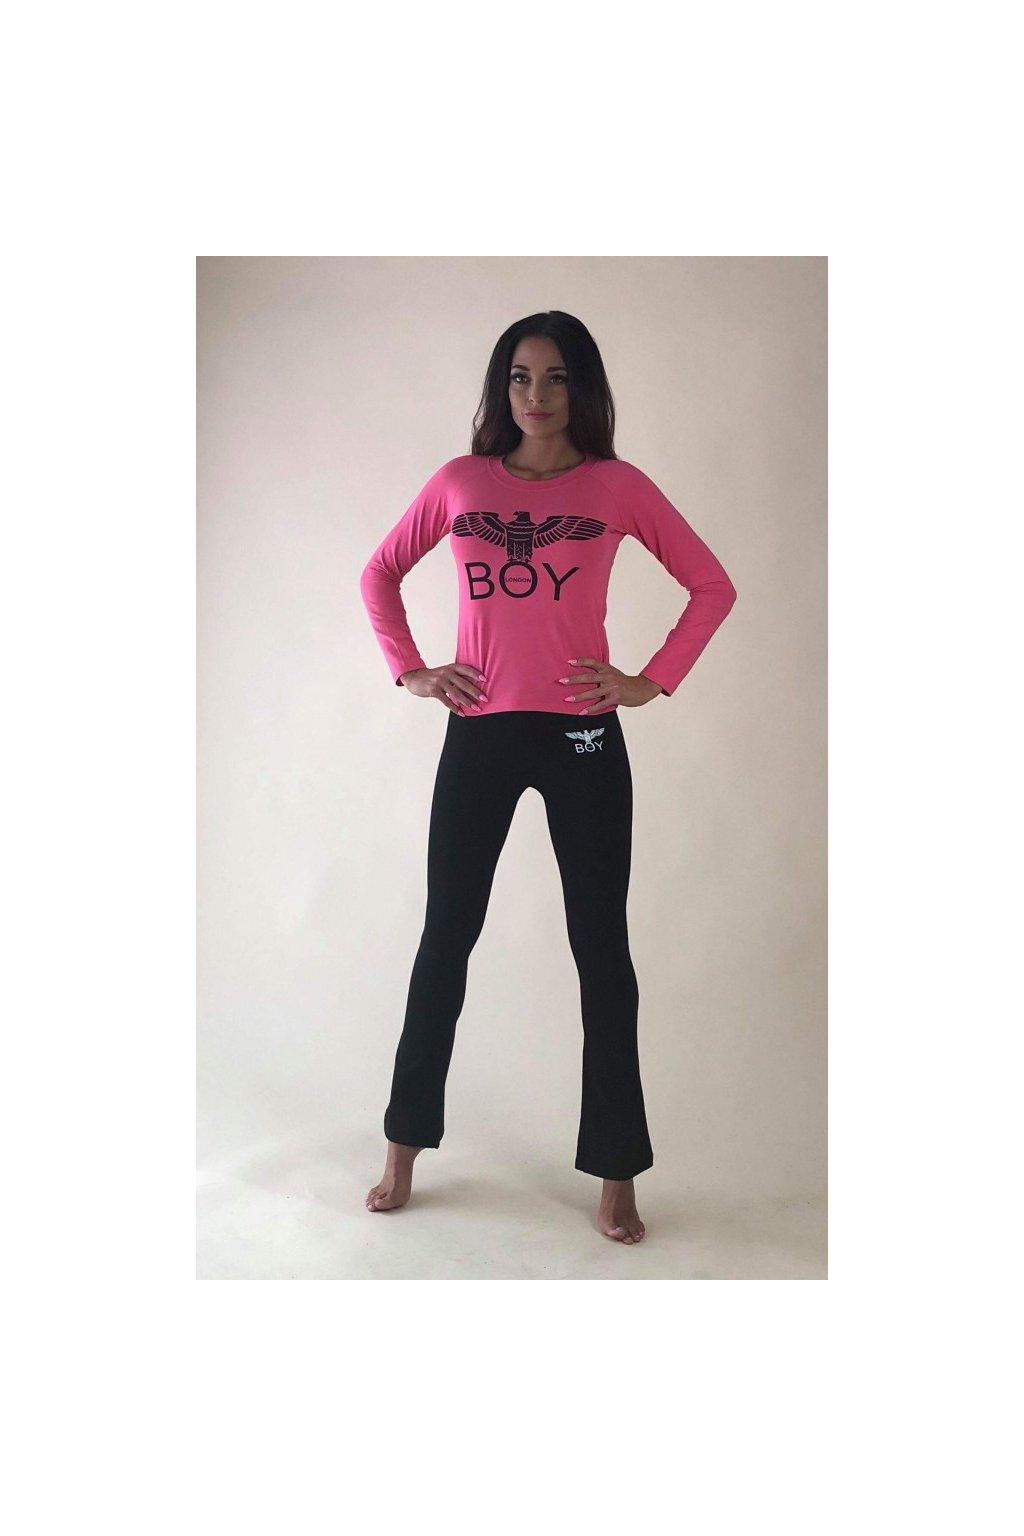 Tričko Boy London - růžové se znakem (Velikost Velikost M)